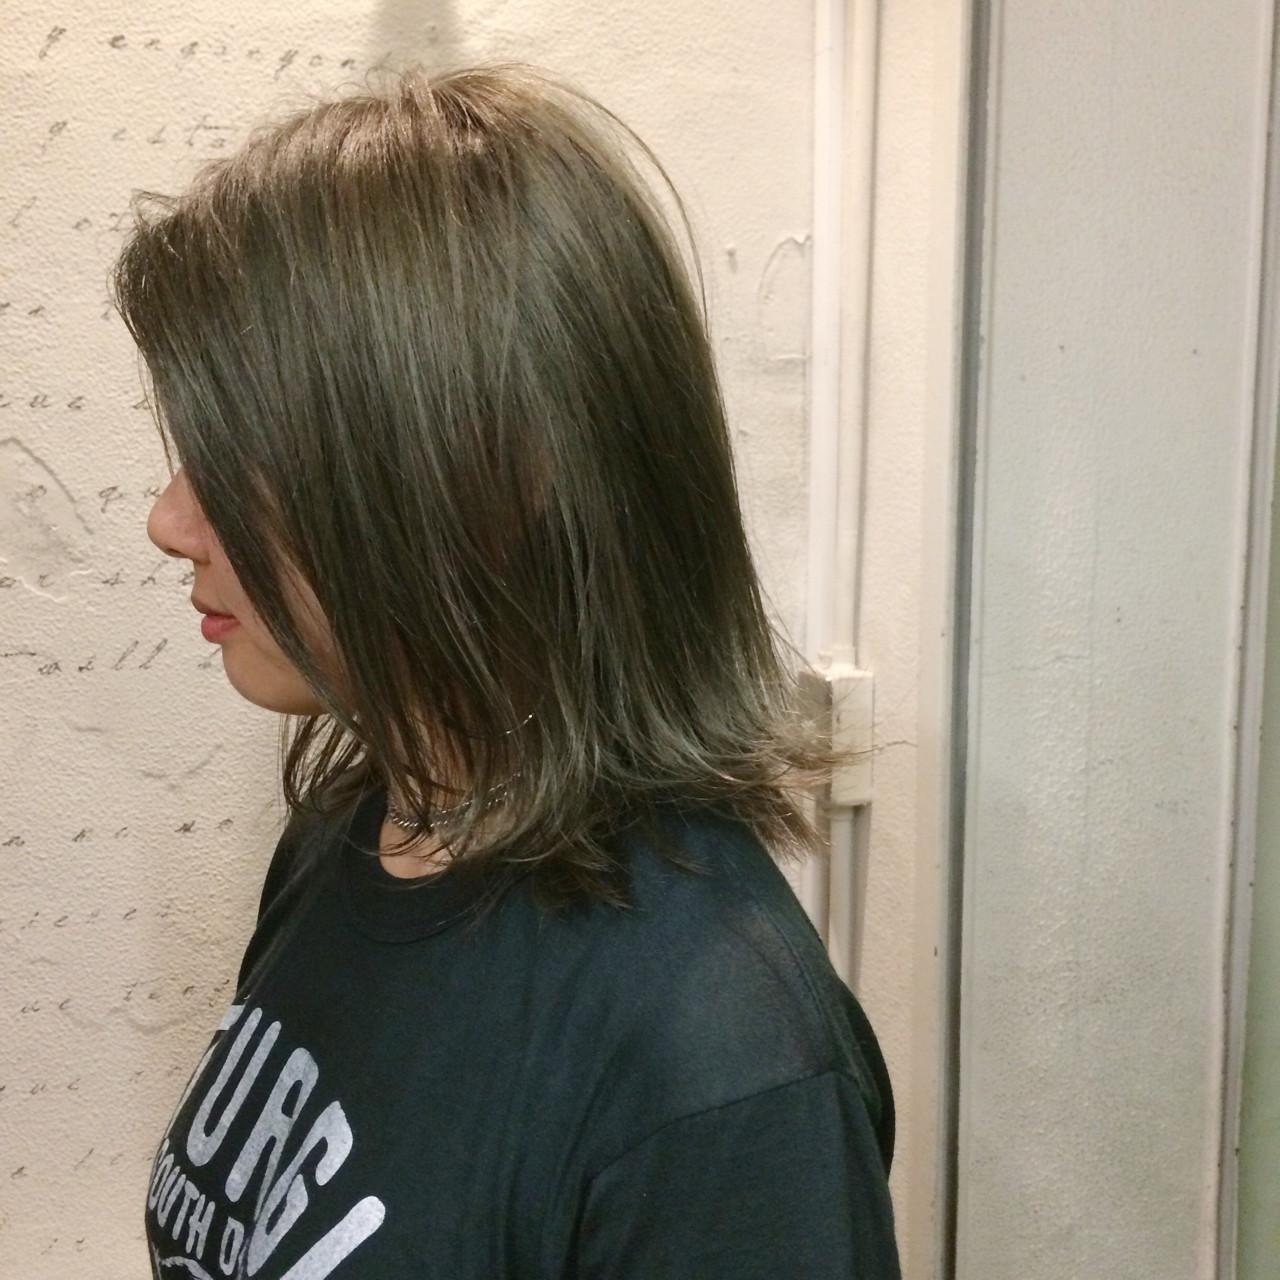 グレージュ ストリート ハイライト 外国人風 ヘアスタイルや髪型の写真・画像